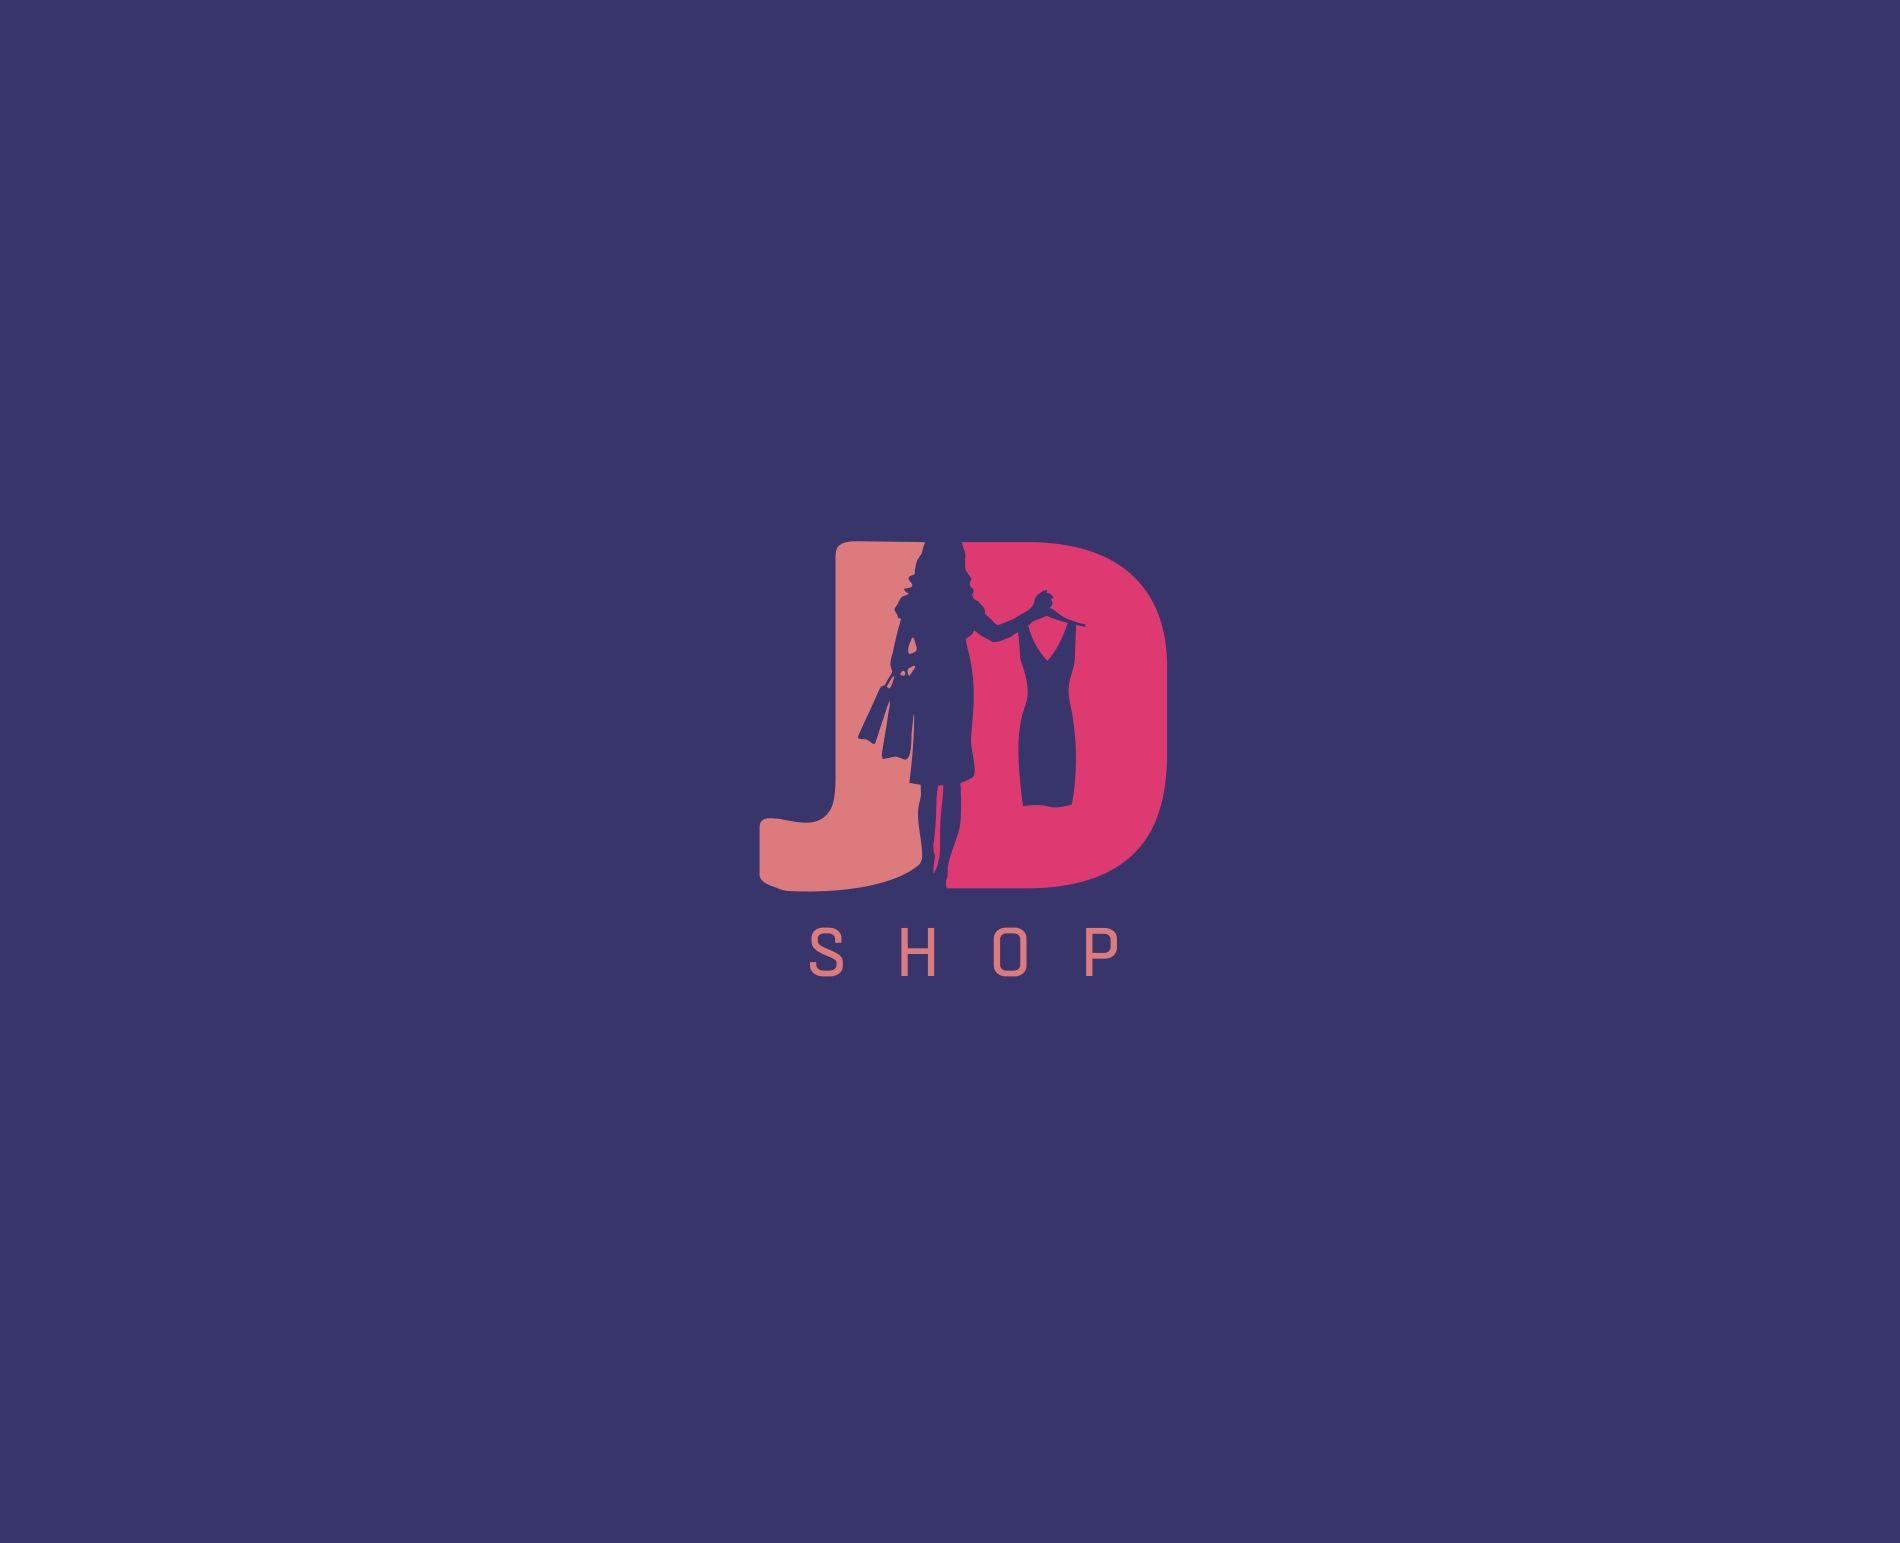 Логотип для  магазина-ателье  - дизайнер kras-sky